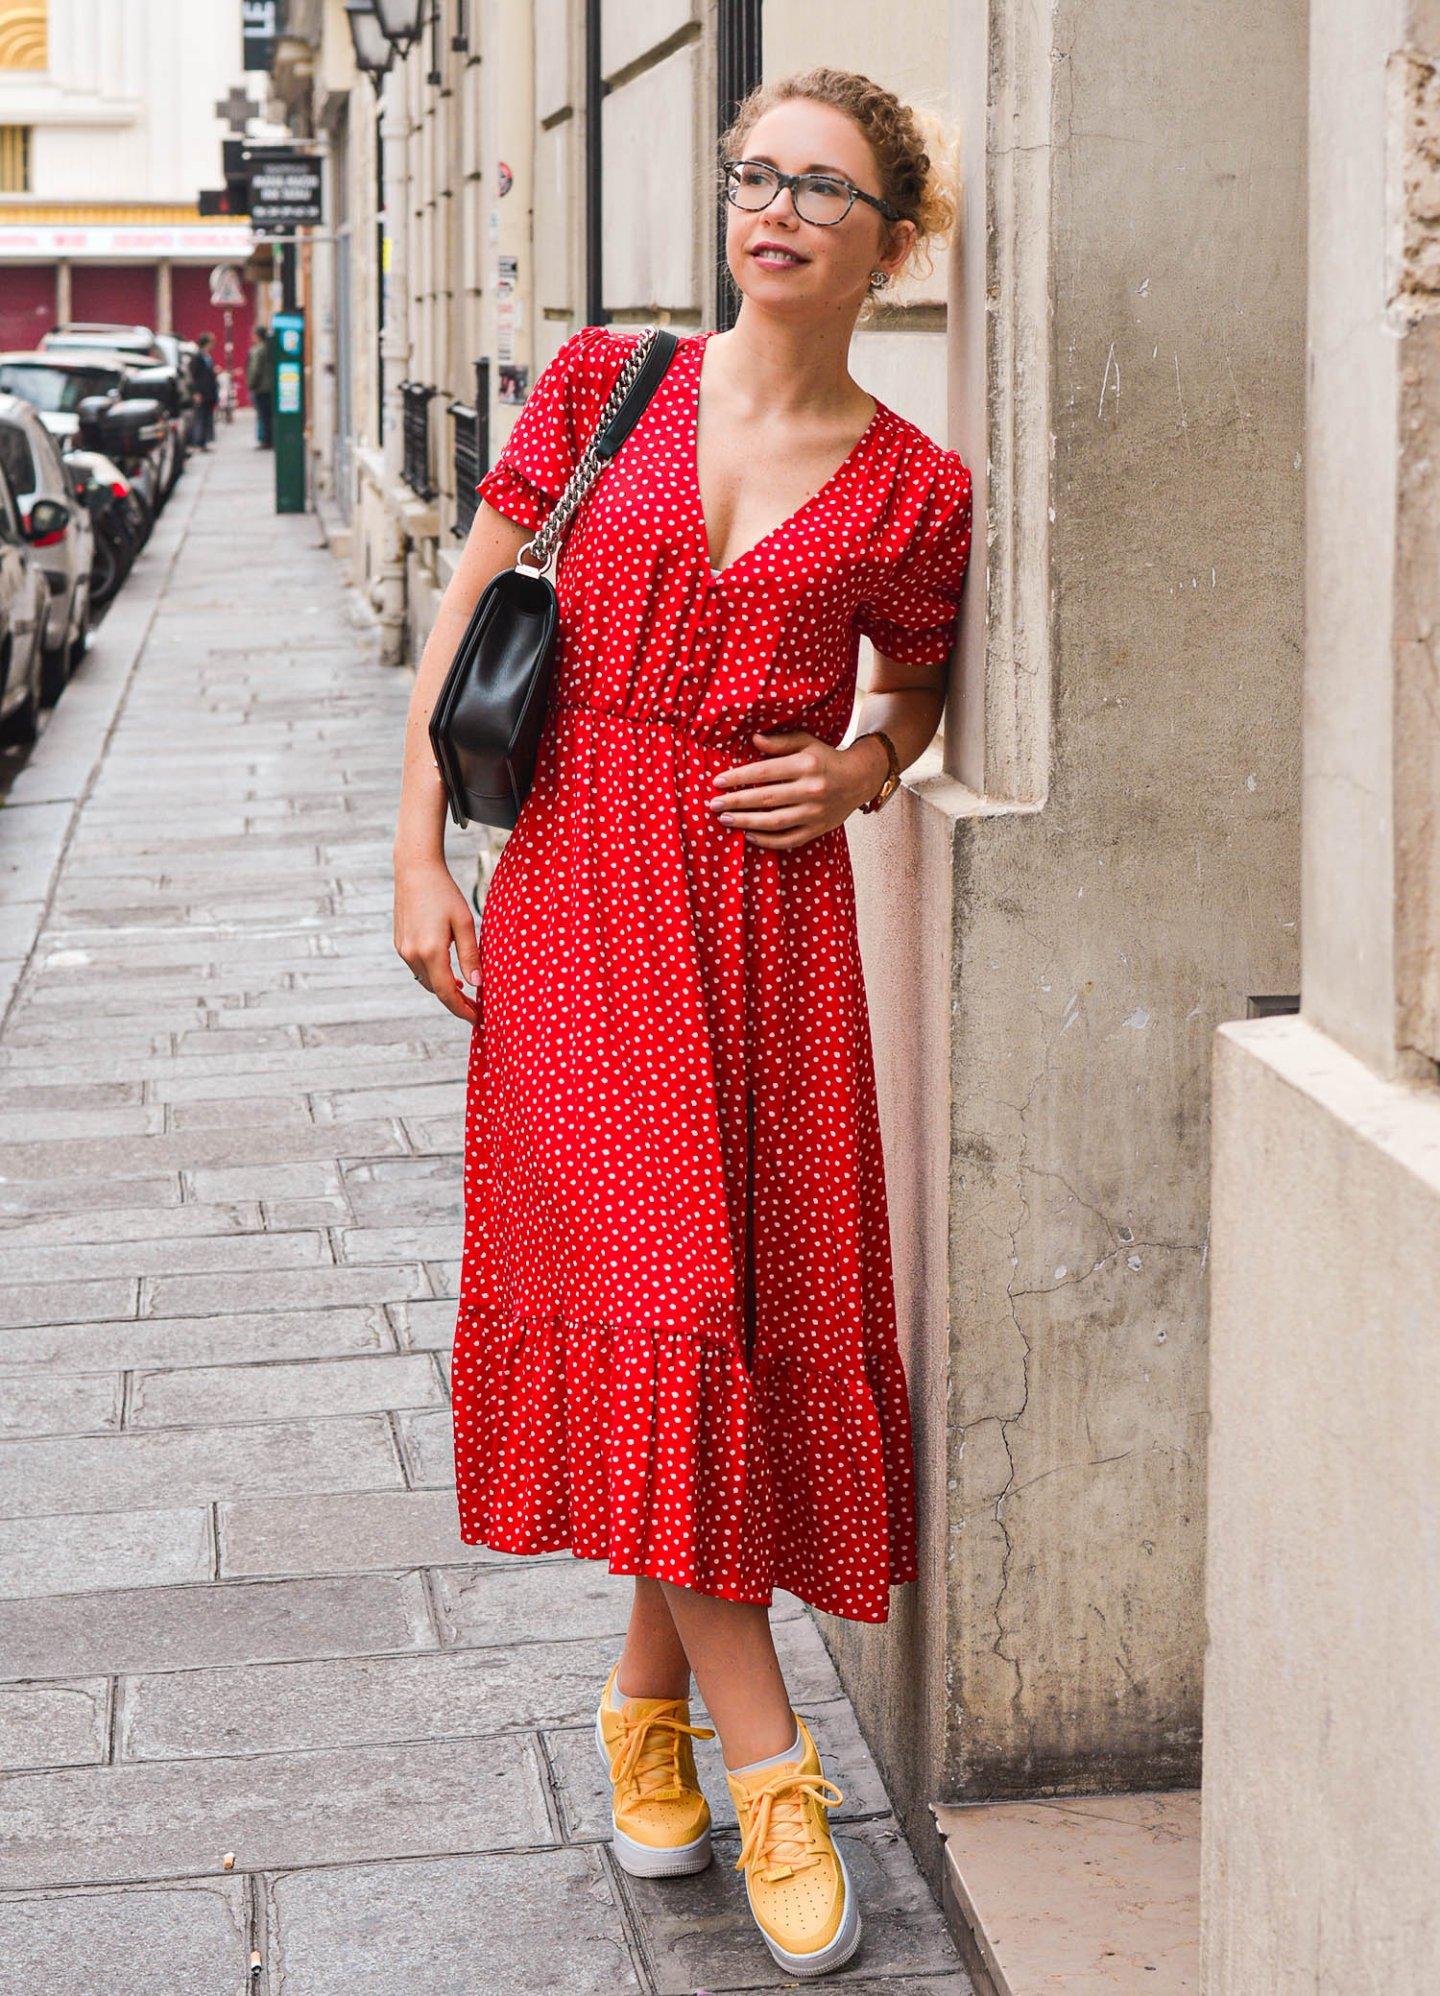 Pariser Straßen mit Sommerkleid, Chanel Handtasche und sneakern